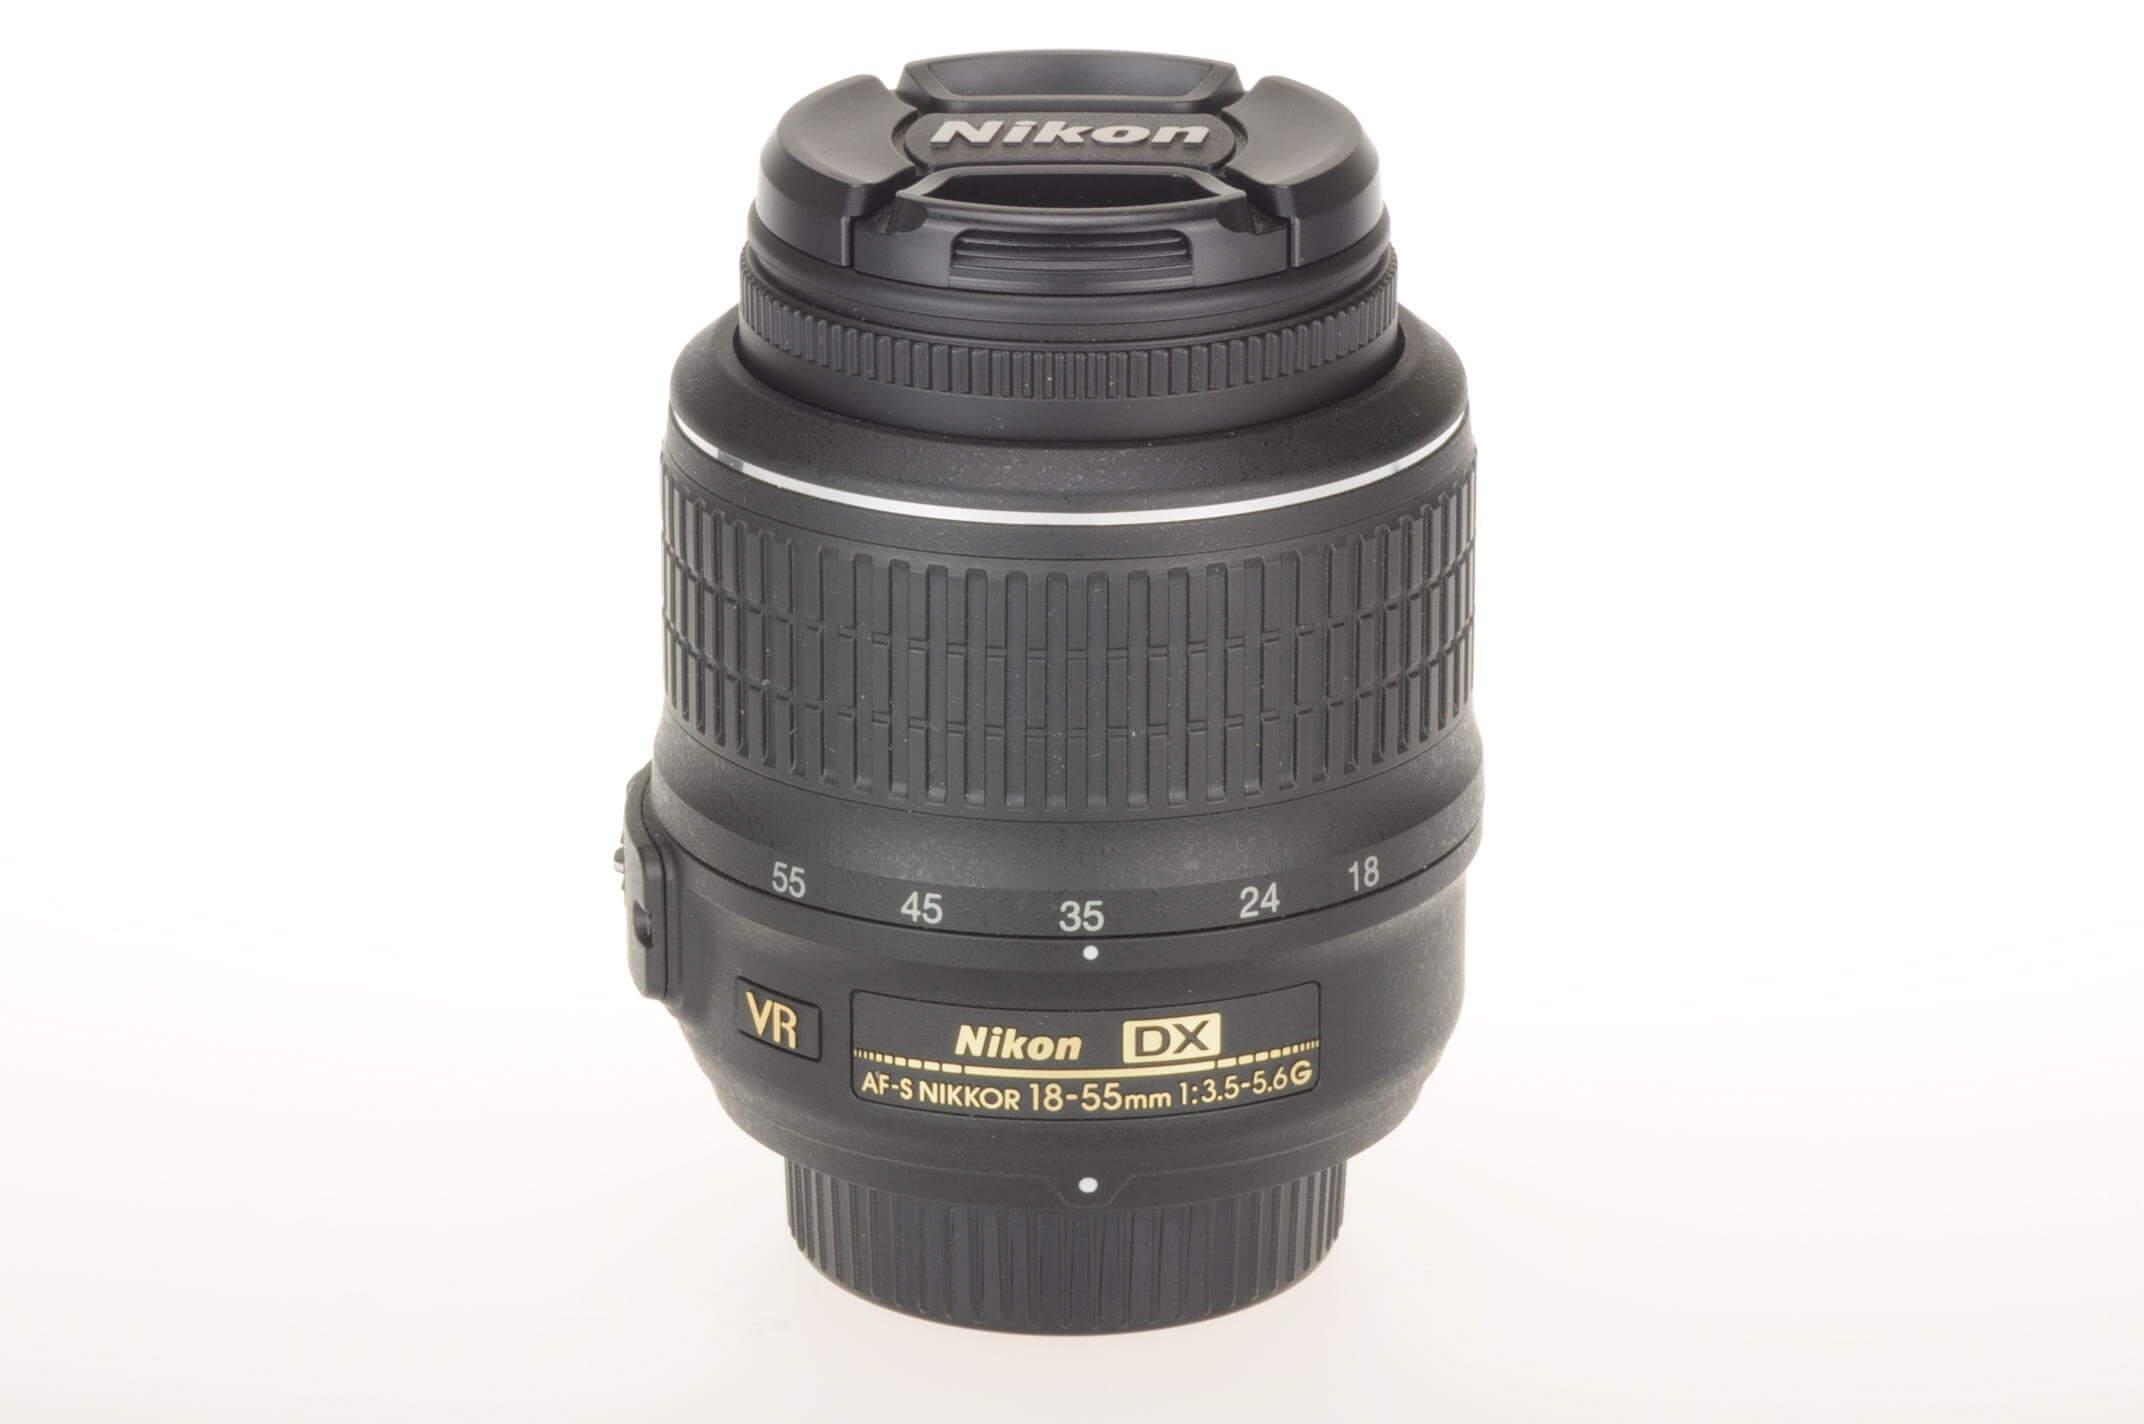 Nikon 18-55mm f3.5-5.6 AF-S VR lens, mint condition!